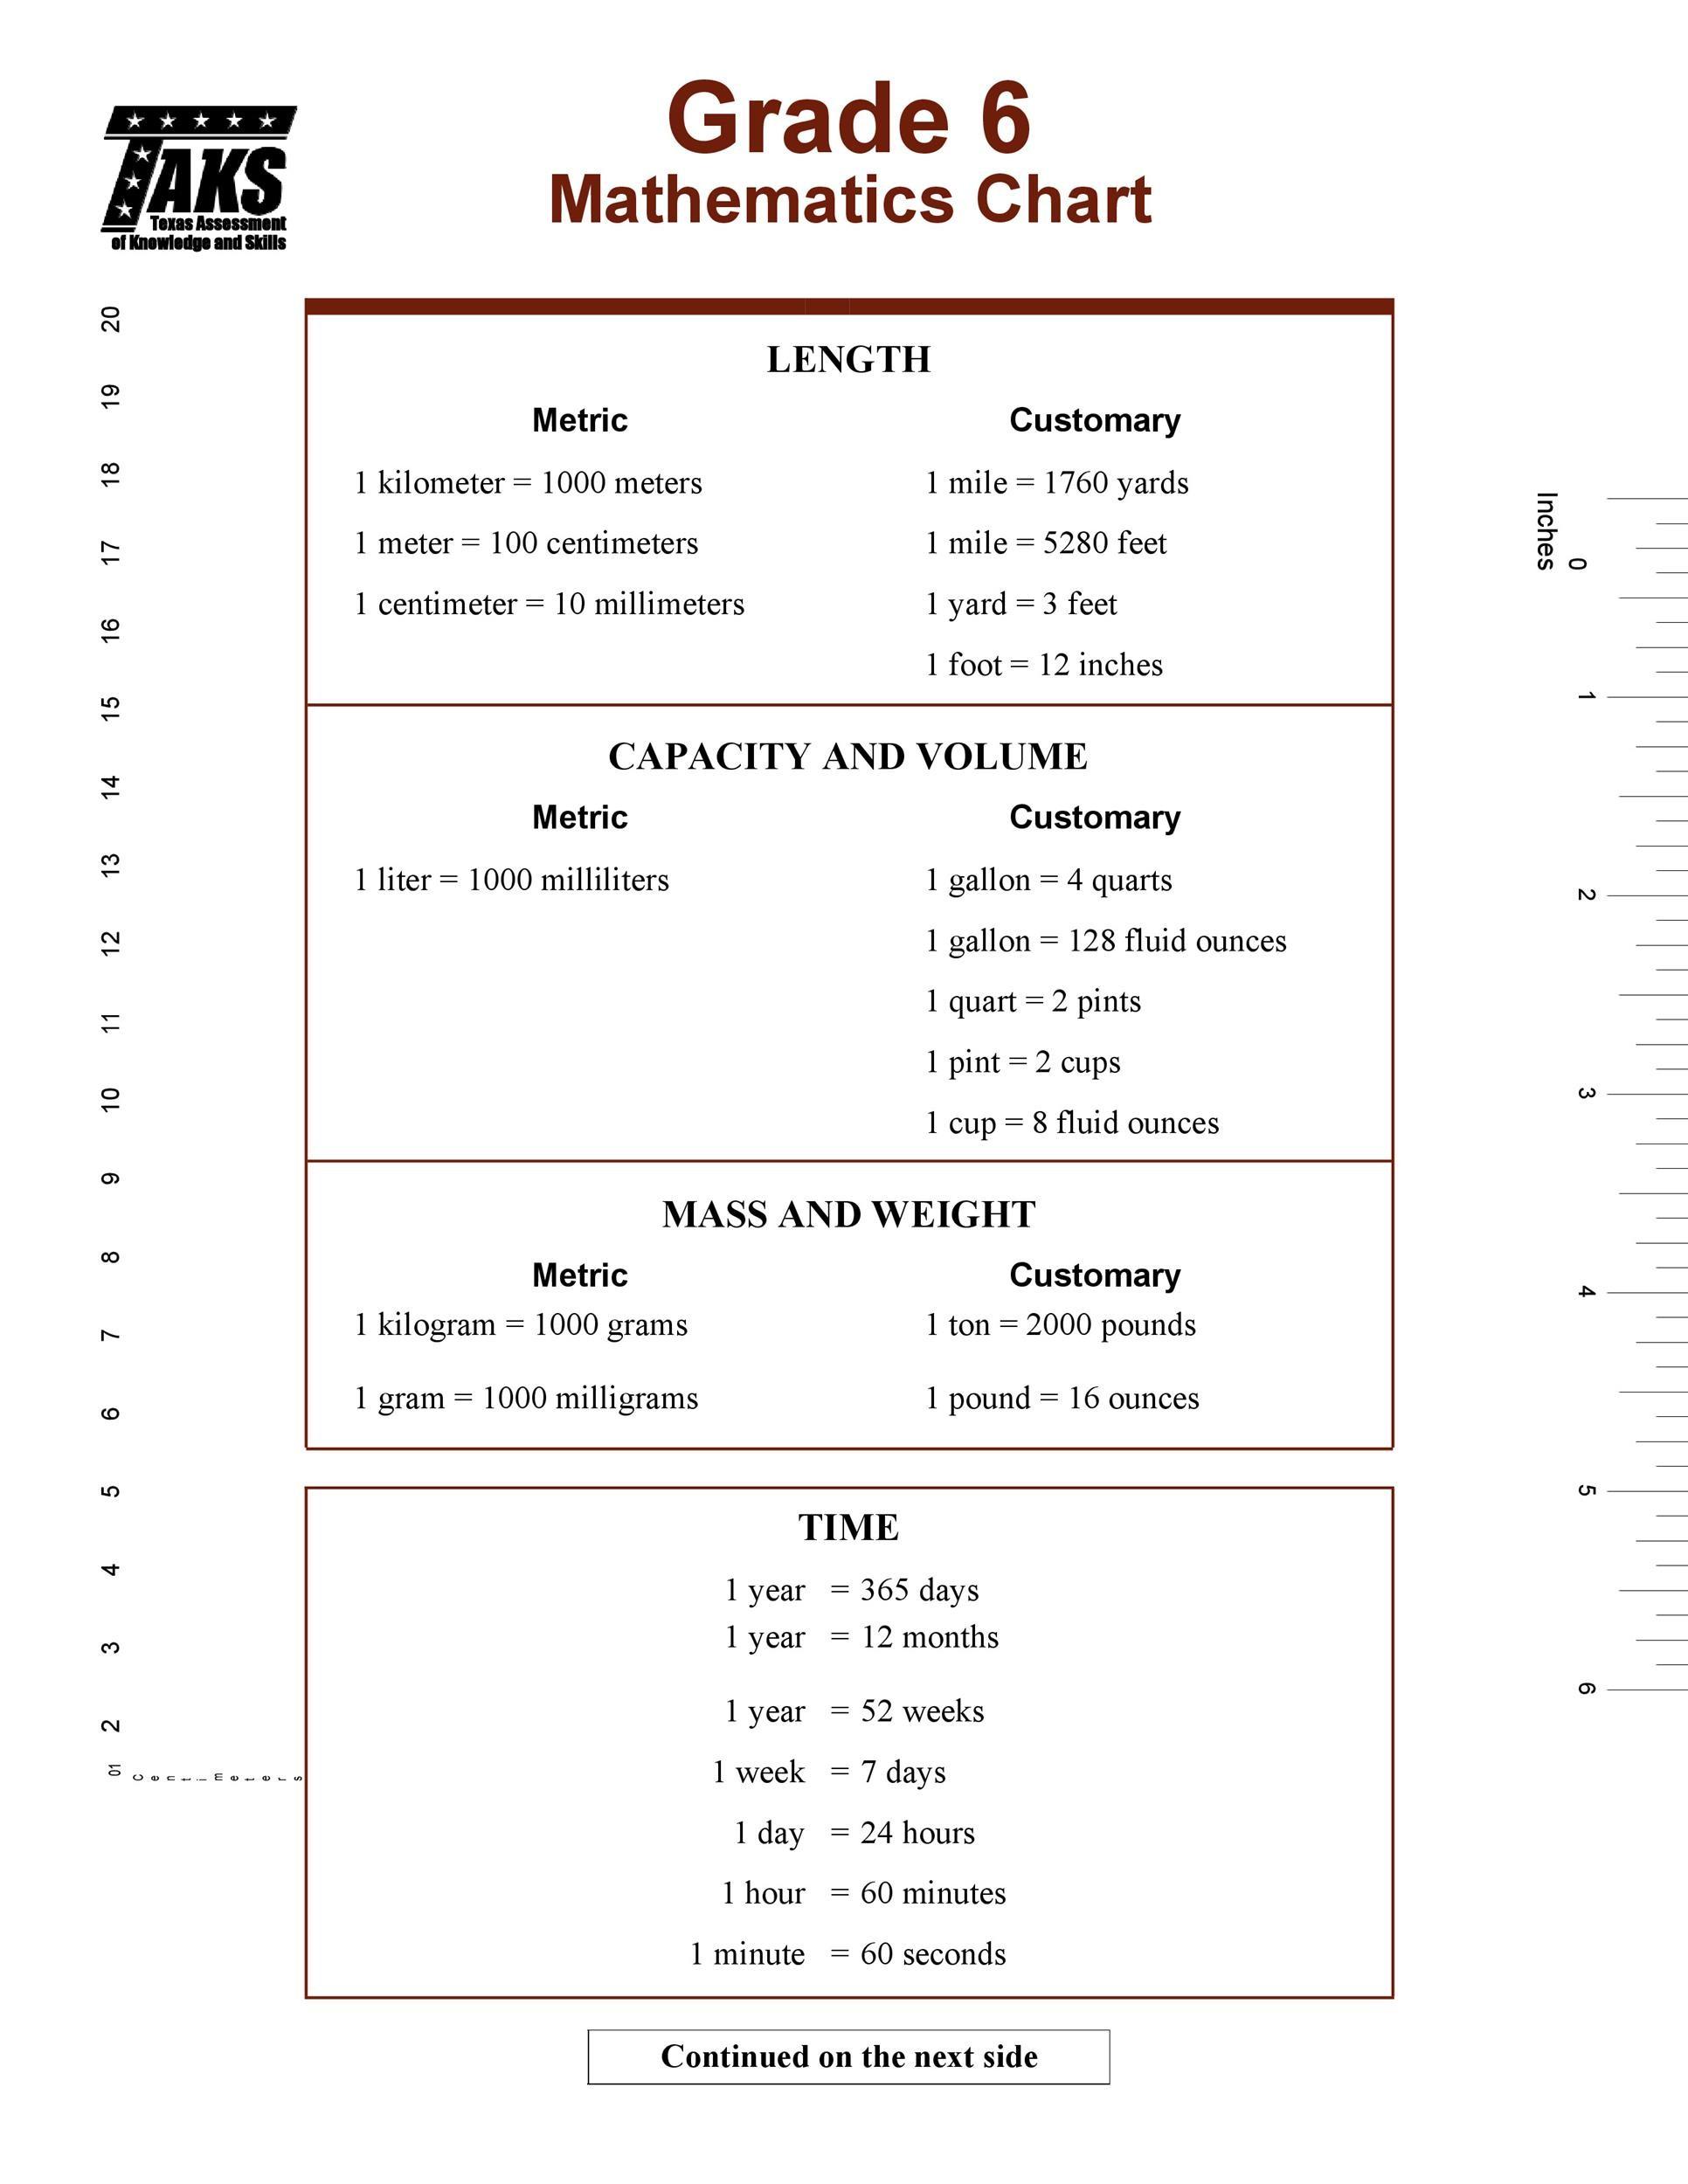 Free liquid measurements chart 25